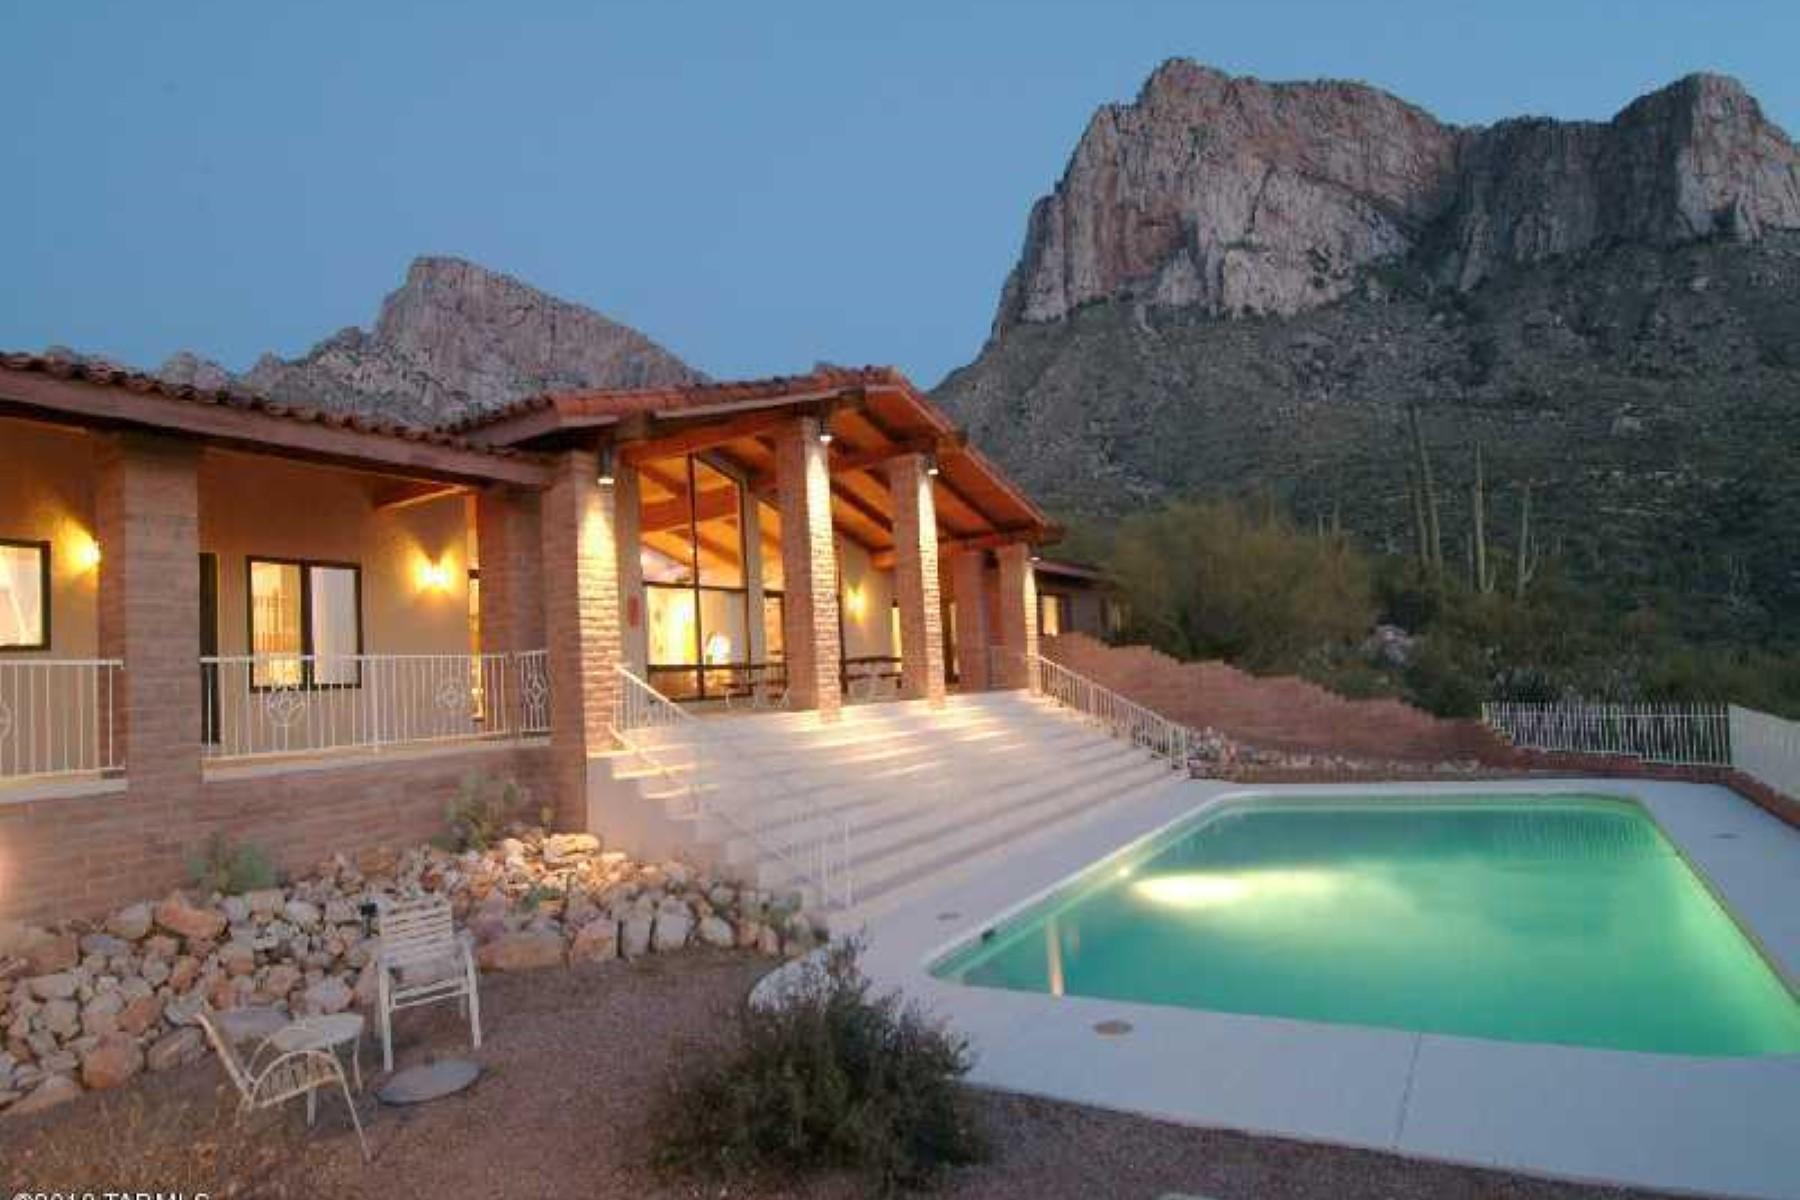 Частный односемейный дом для того Продажа на Beautiful Custom Home on 13.2 Acres in Gated Community of La Reserve 9800 N Carodera Canyon Place Oro Valley, Аризона, 85737 Соединенные Штаты